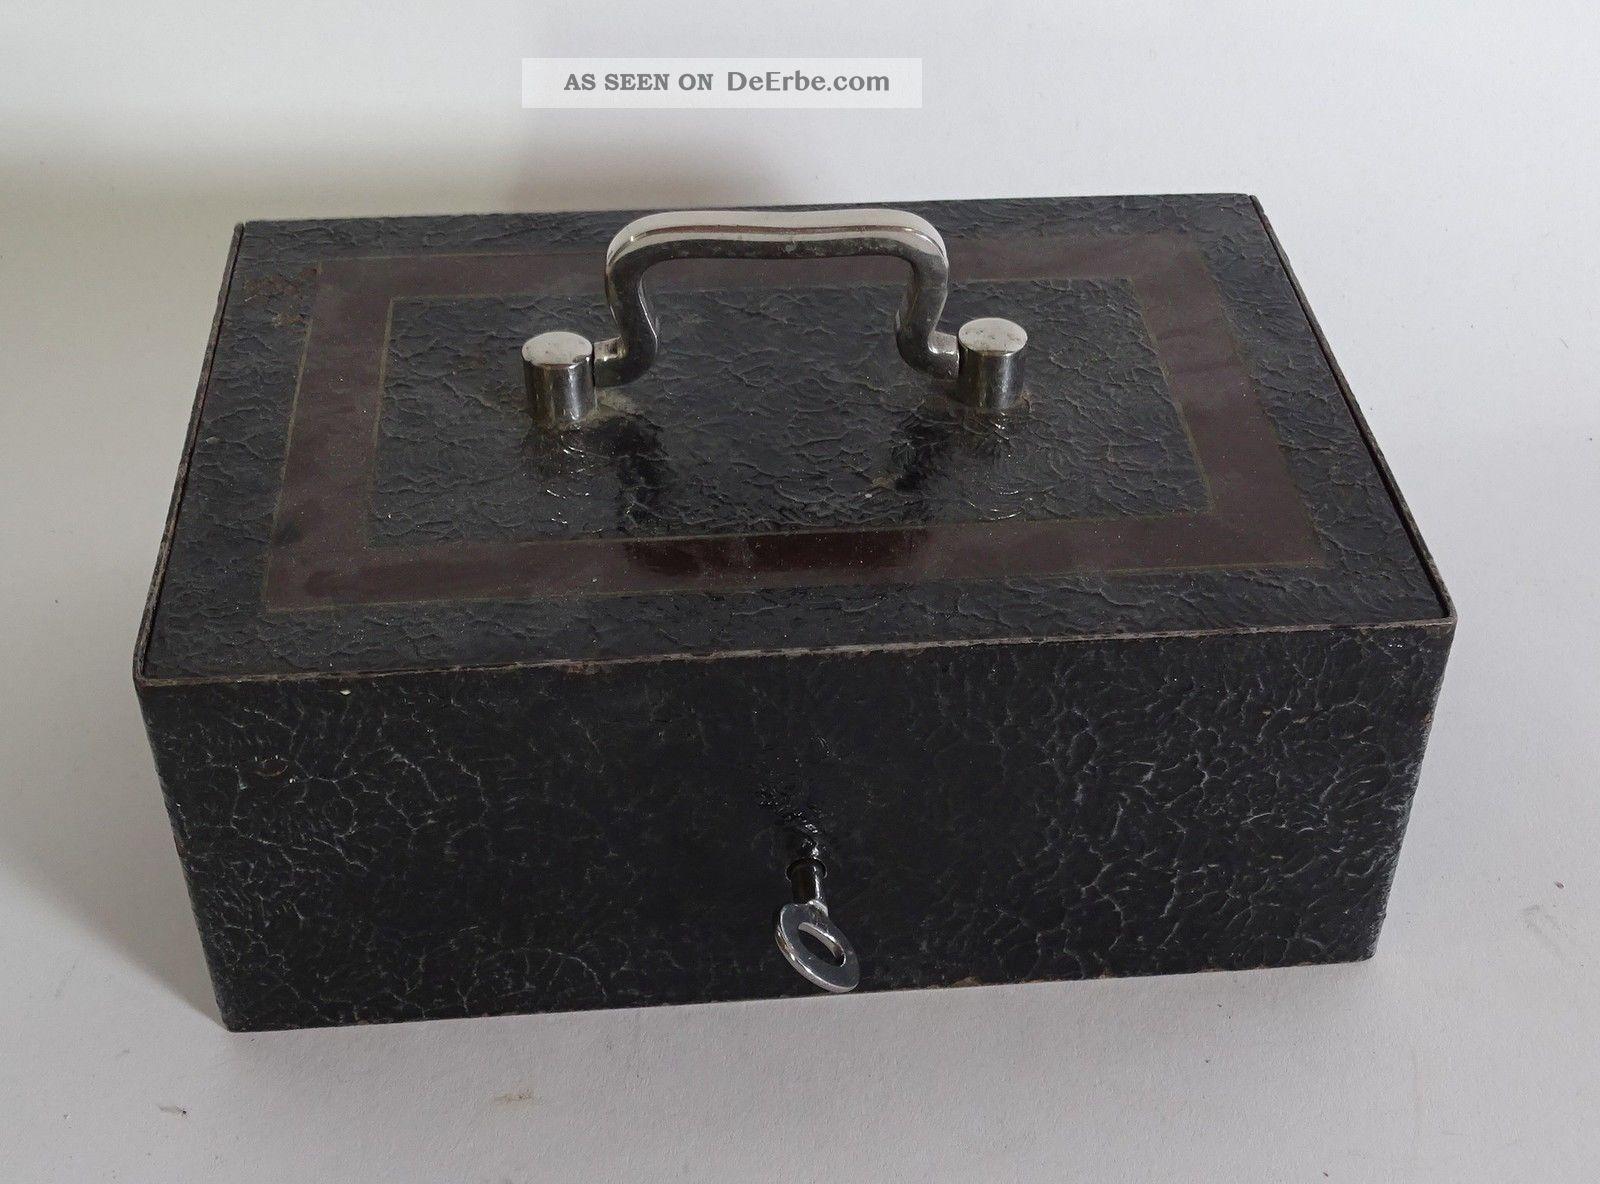 Massive Antike Geldkassette Aus Eisen Abschließbar Mit Schlüssel Und Einlegefach Kaufleute & Krämer Bild